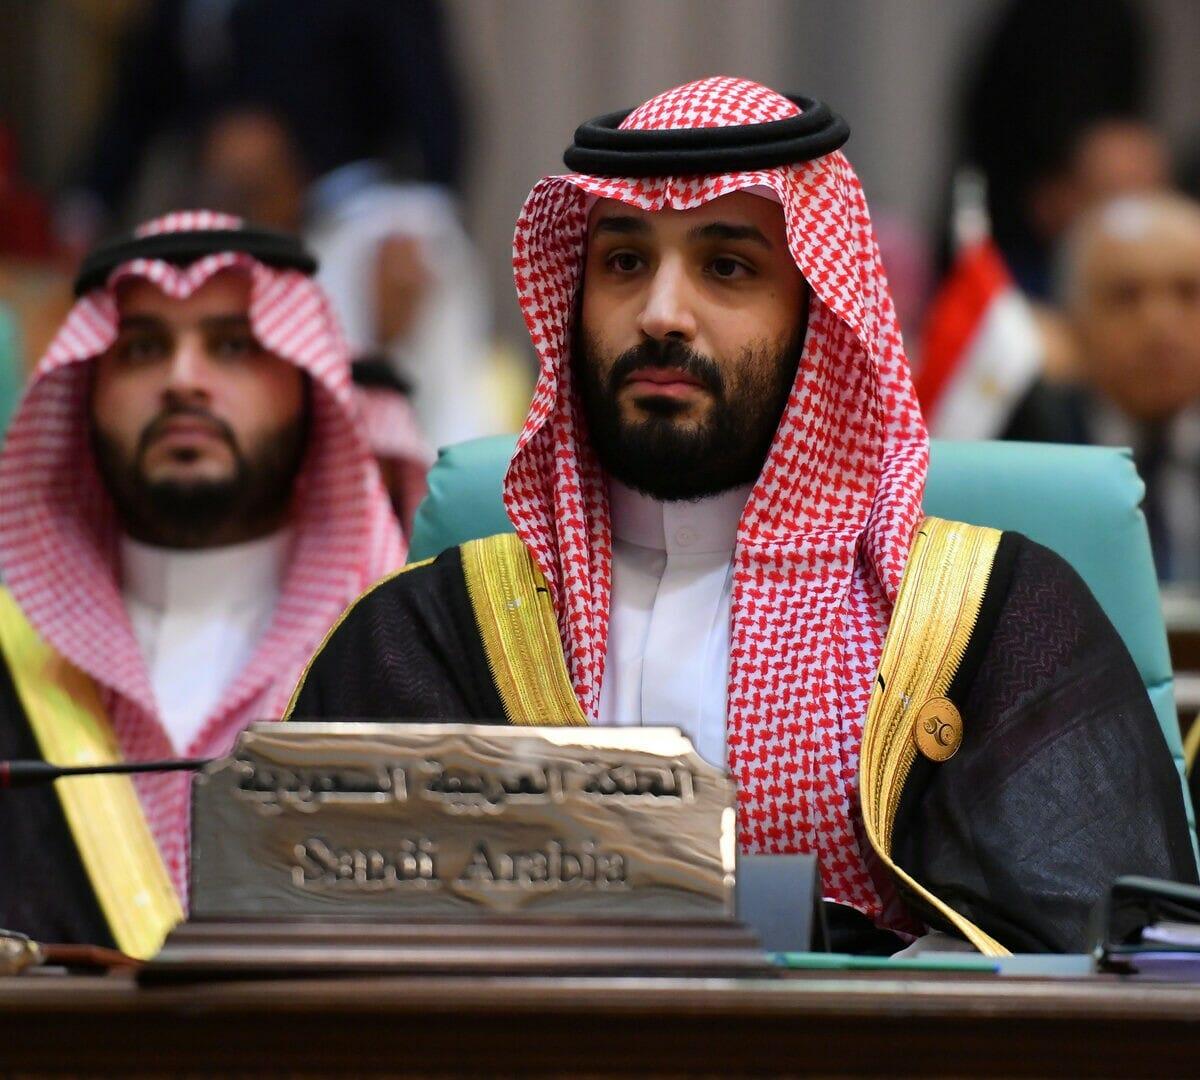 أخبار سيئة تنتظر محمد بن سلمان